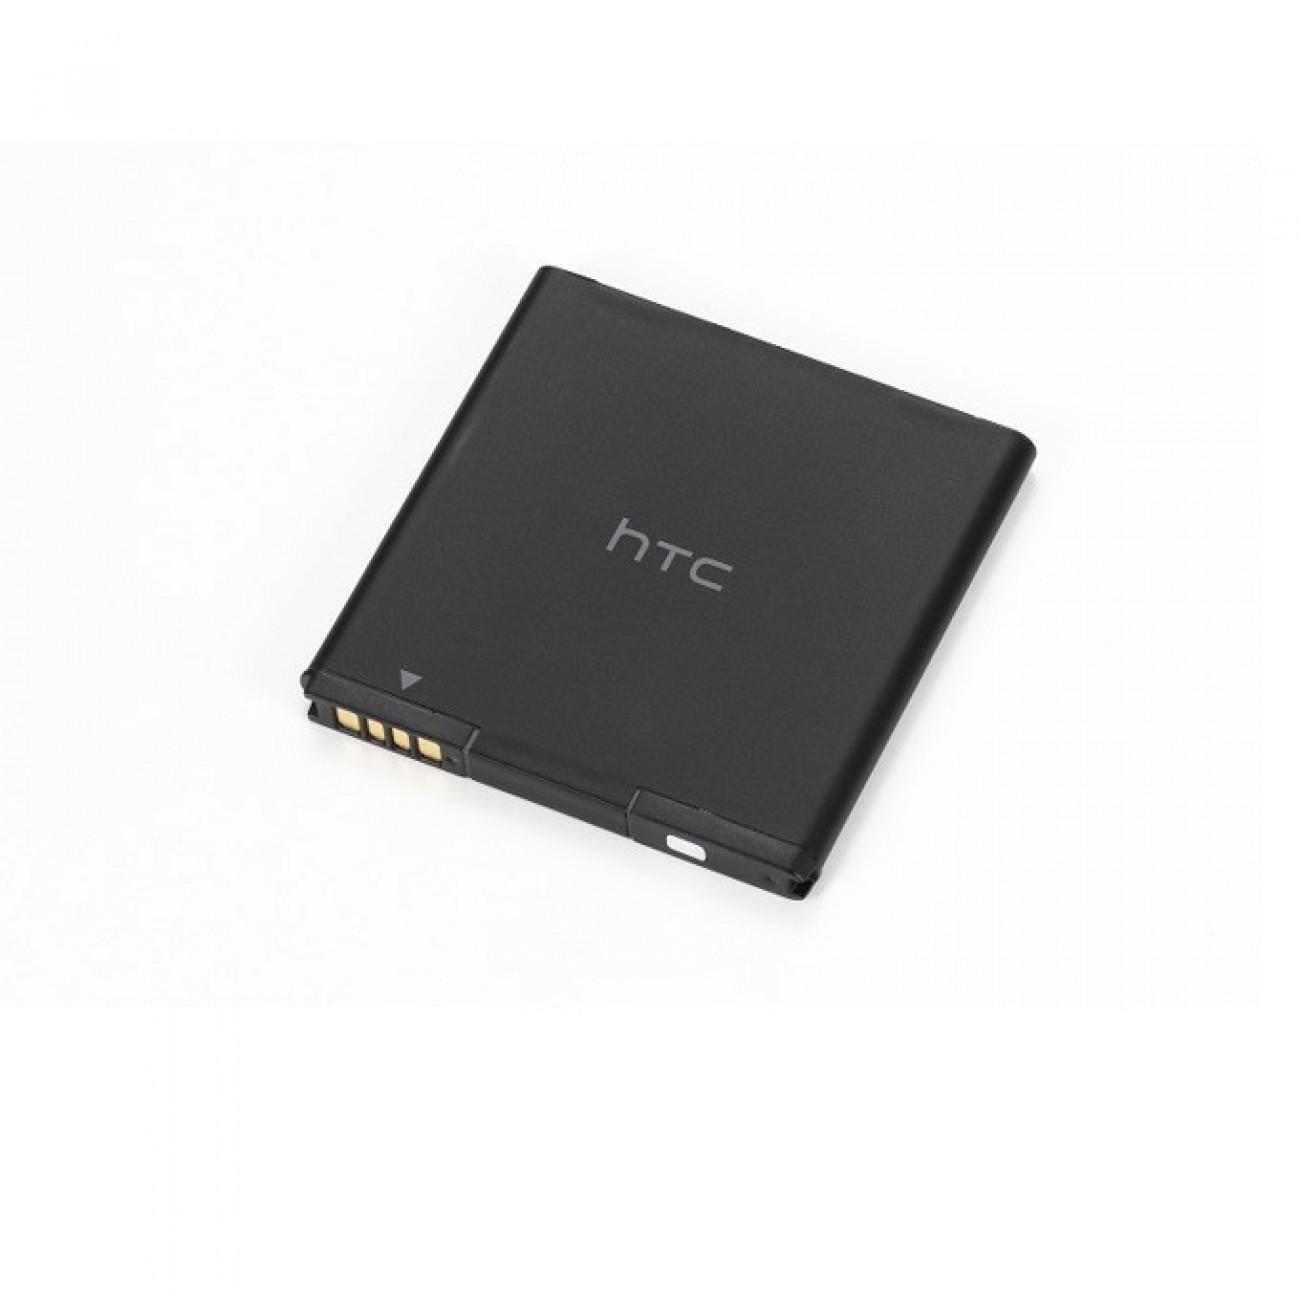 Батерия (оригинална) за HTC S640, HTC Sensation XL/Titan Eternity, 1600 mAh, 3.8V в Батерии за Телефони, Таблети -  | Alleop